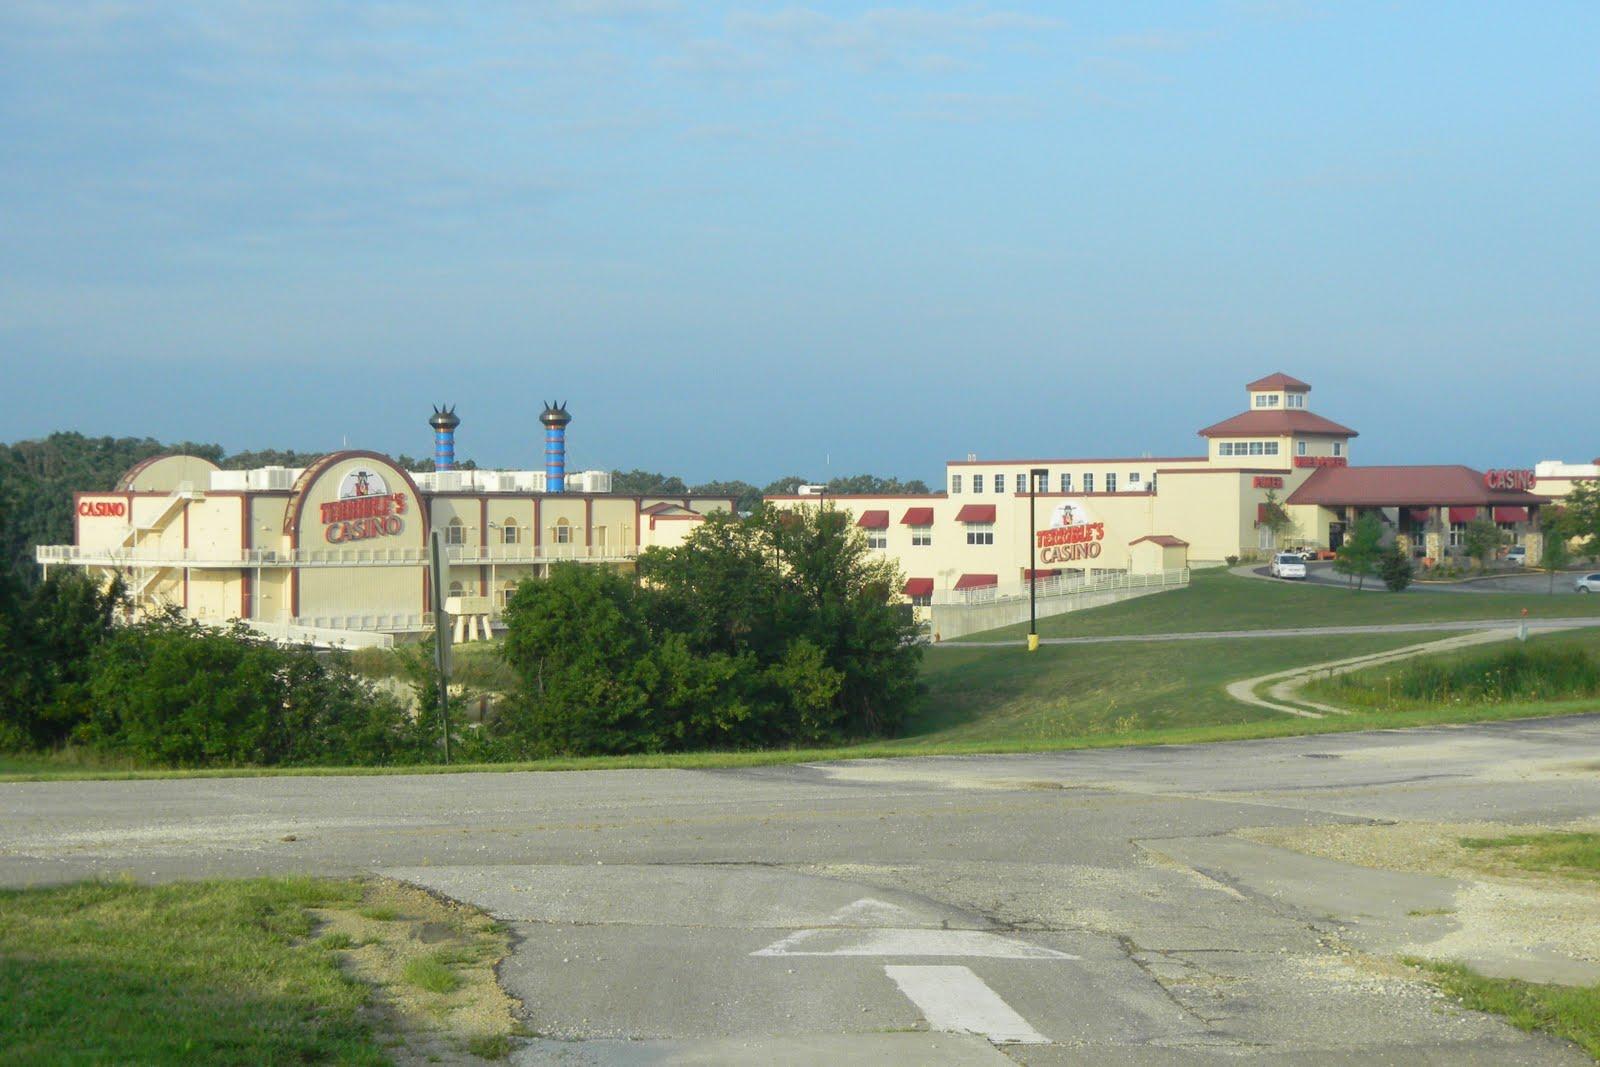 Terribles casino hotel osceola iowa